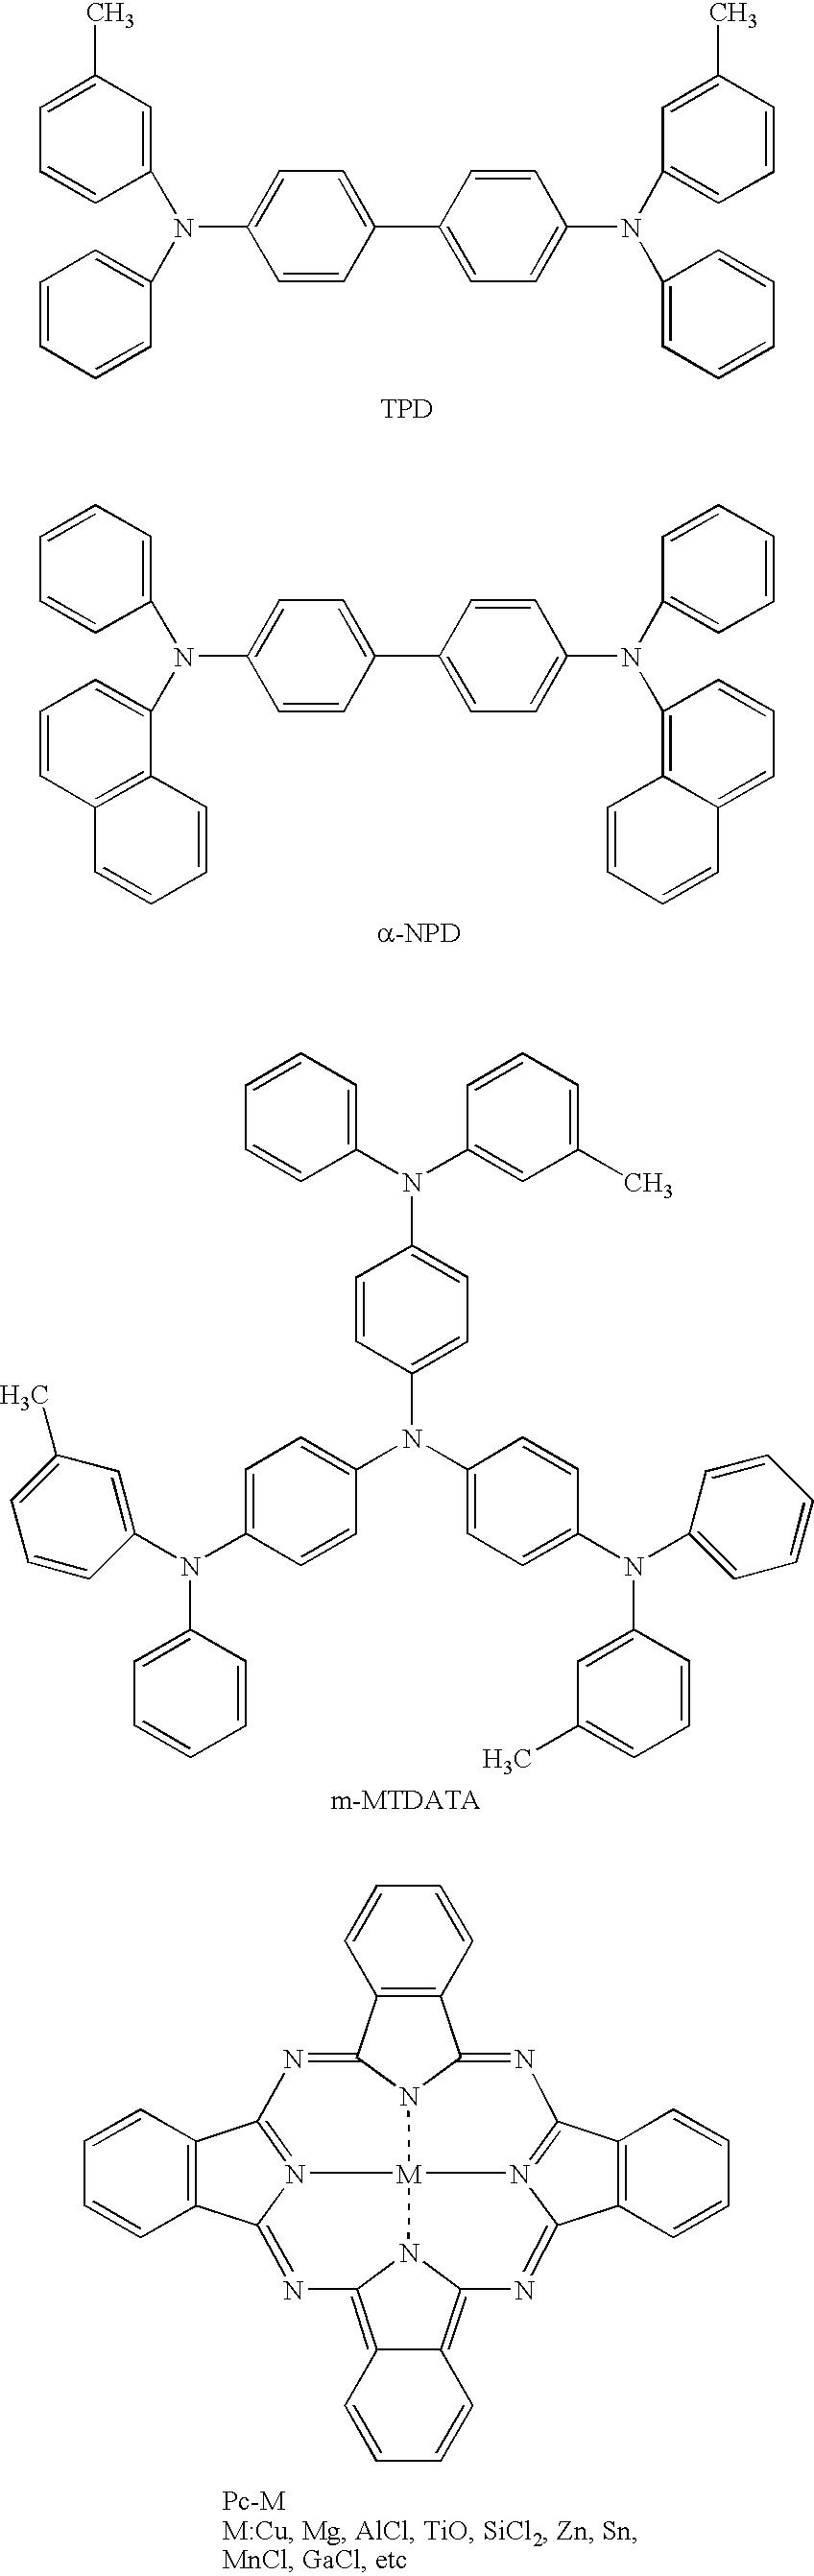 Figure US20060134425A1-20060622-C00022